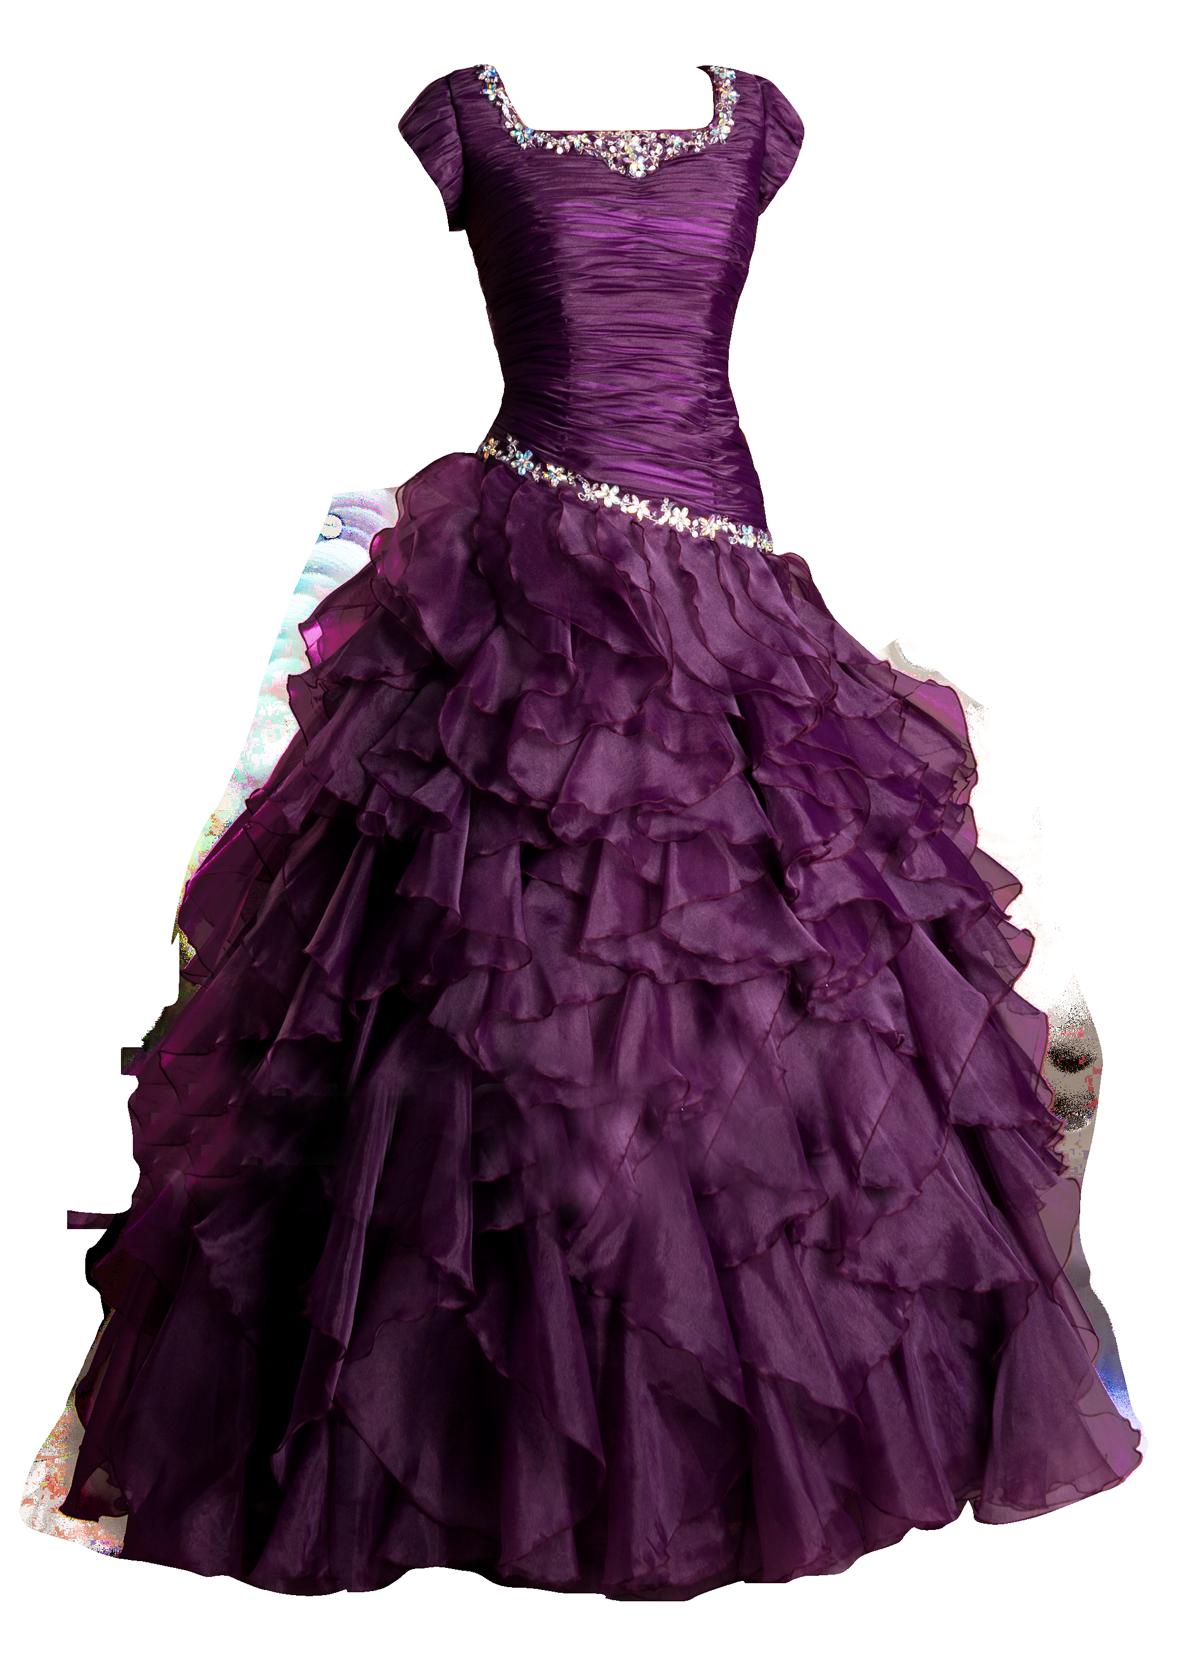 Girl Dress PNG Transparent Image - Dress PNG